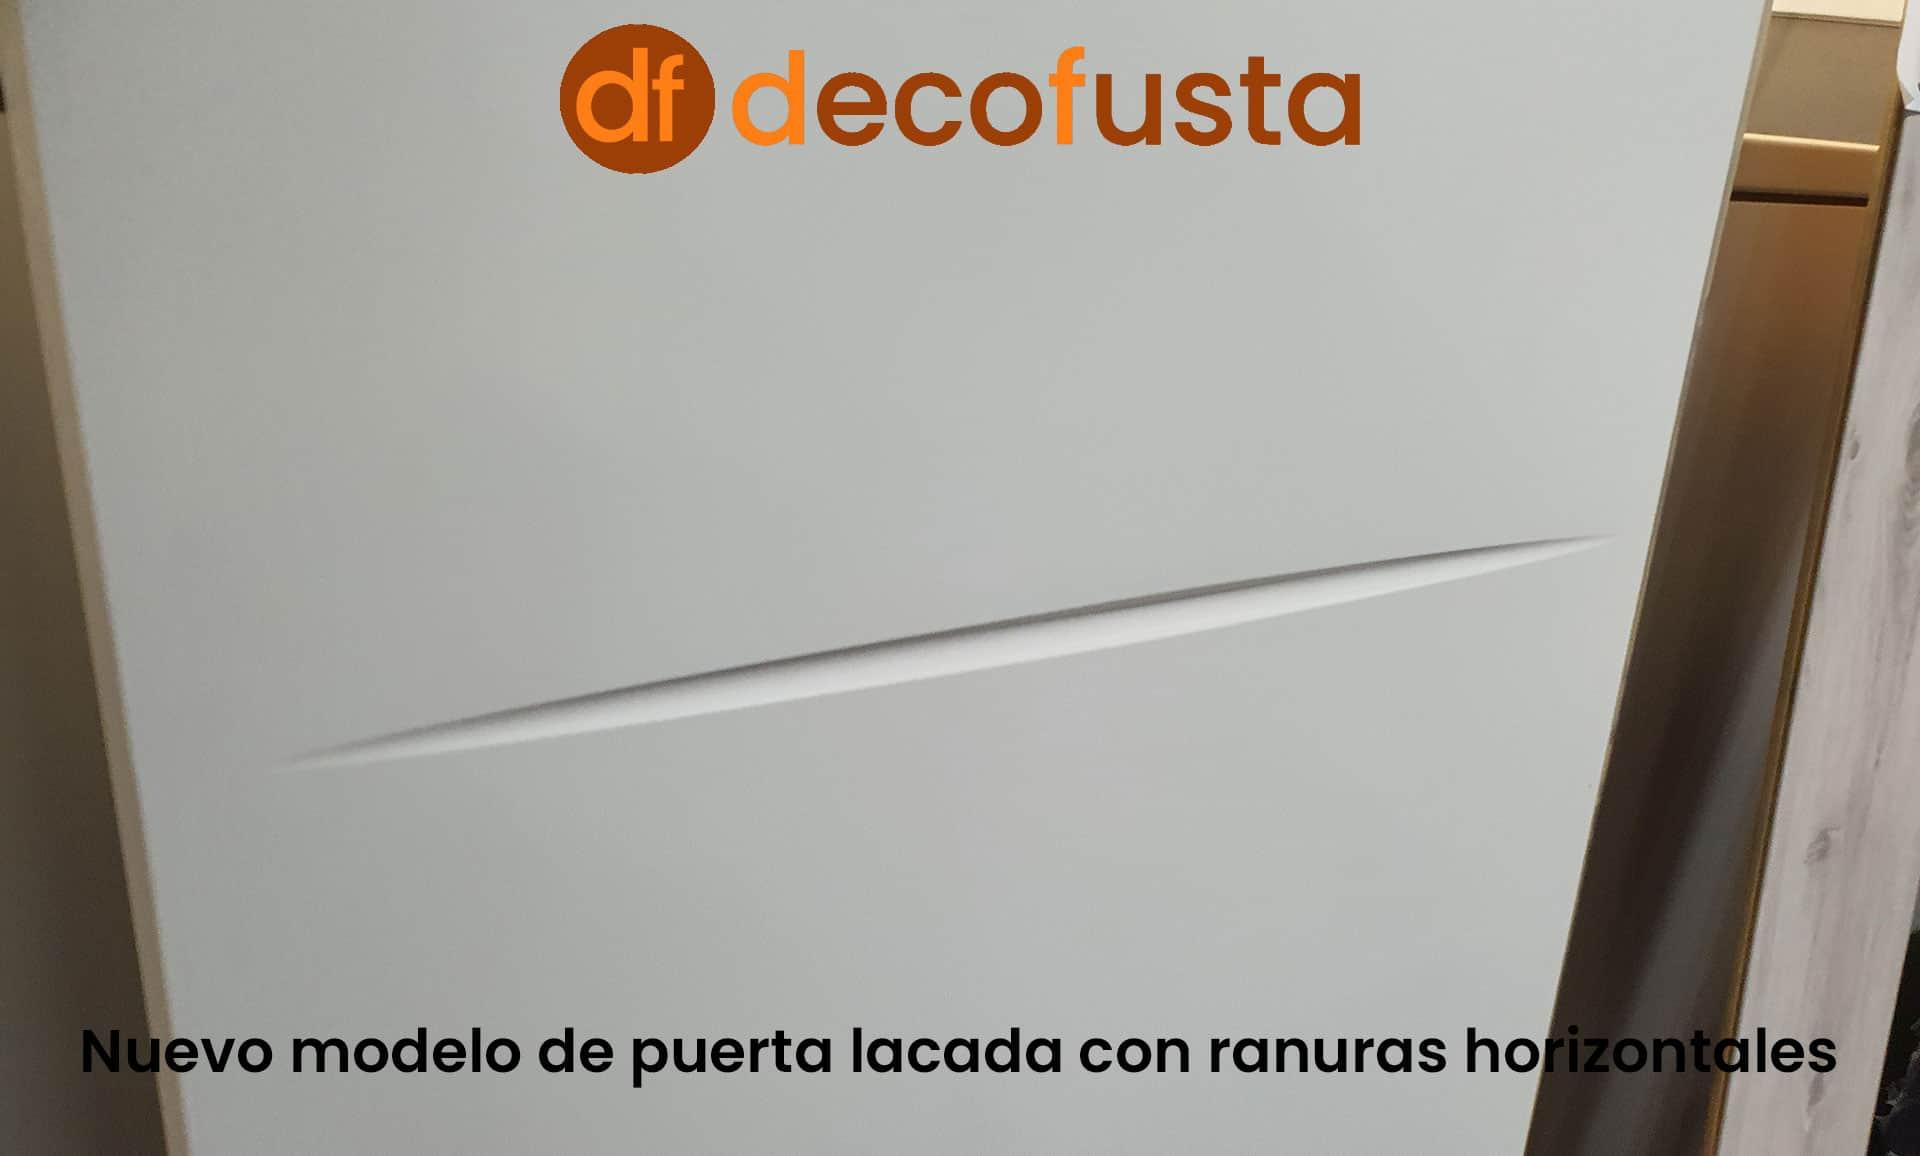 Nuevo modelo de puerta lacada con ranuras horizontales